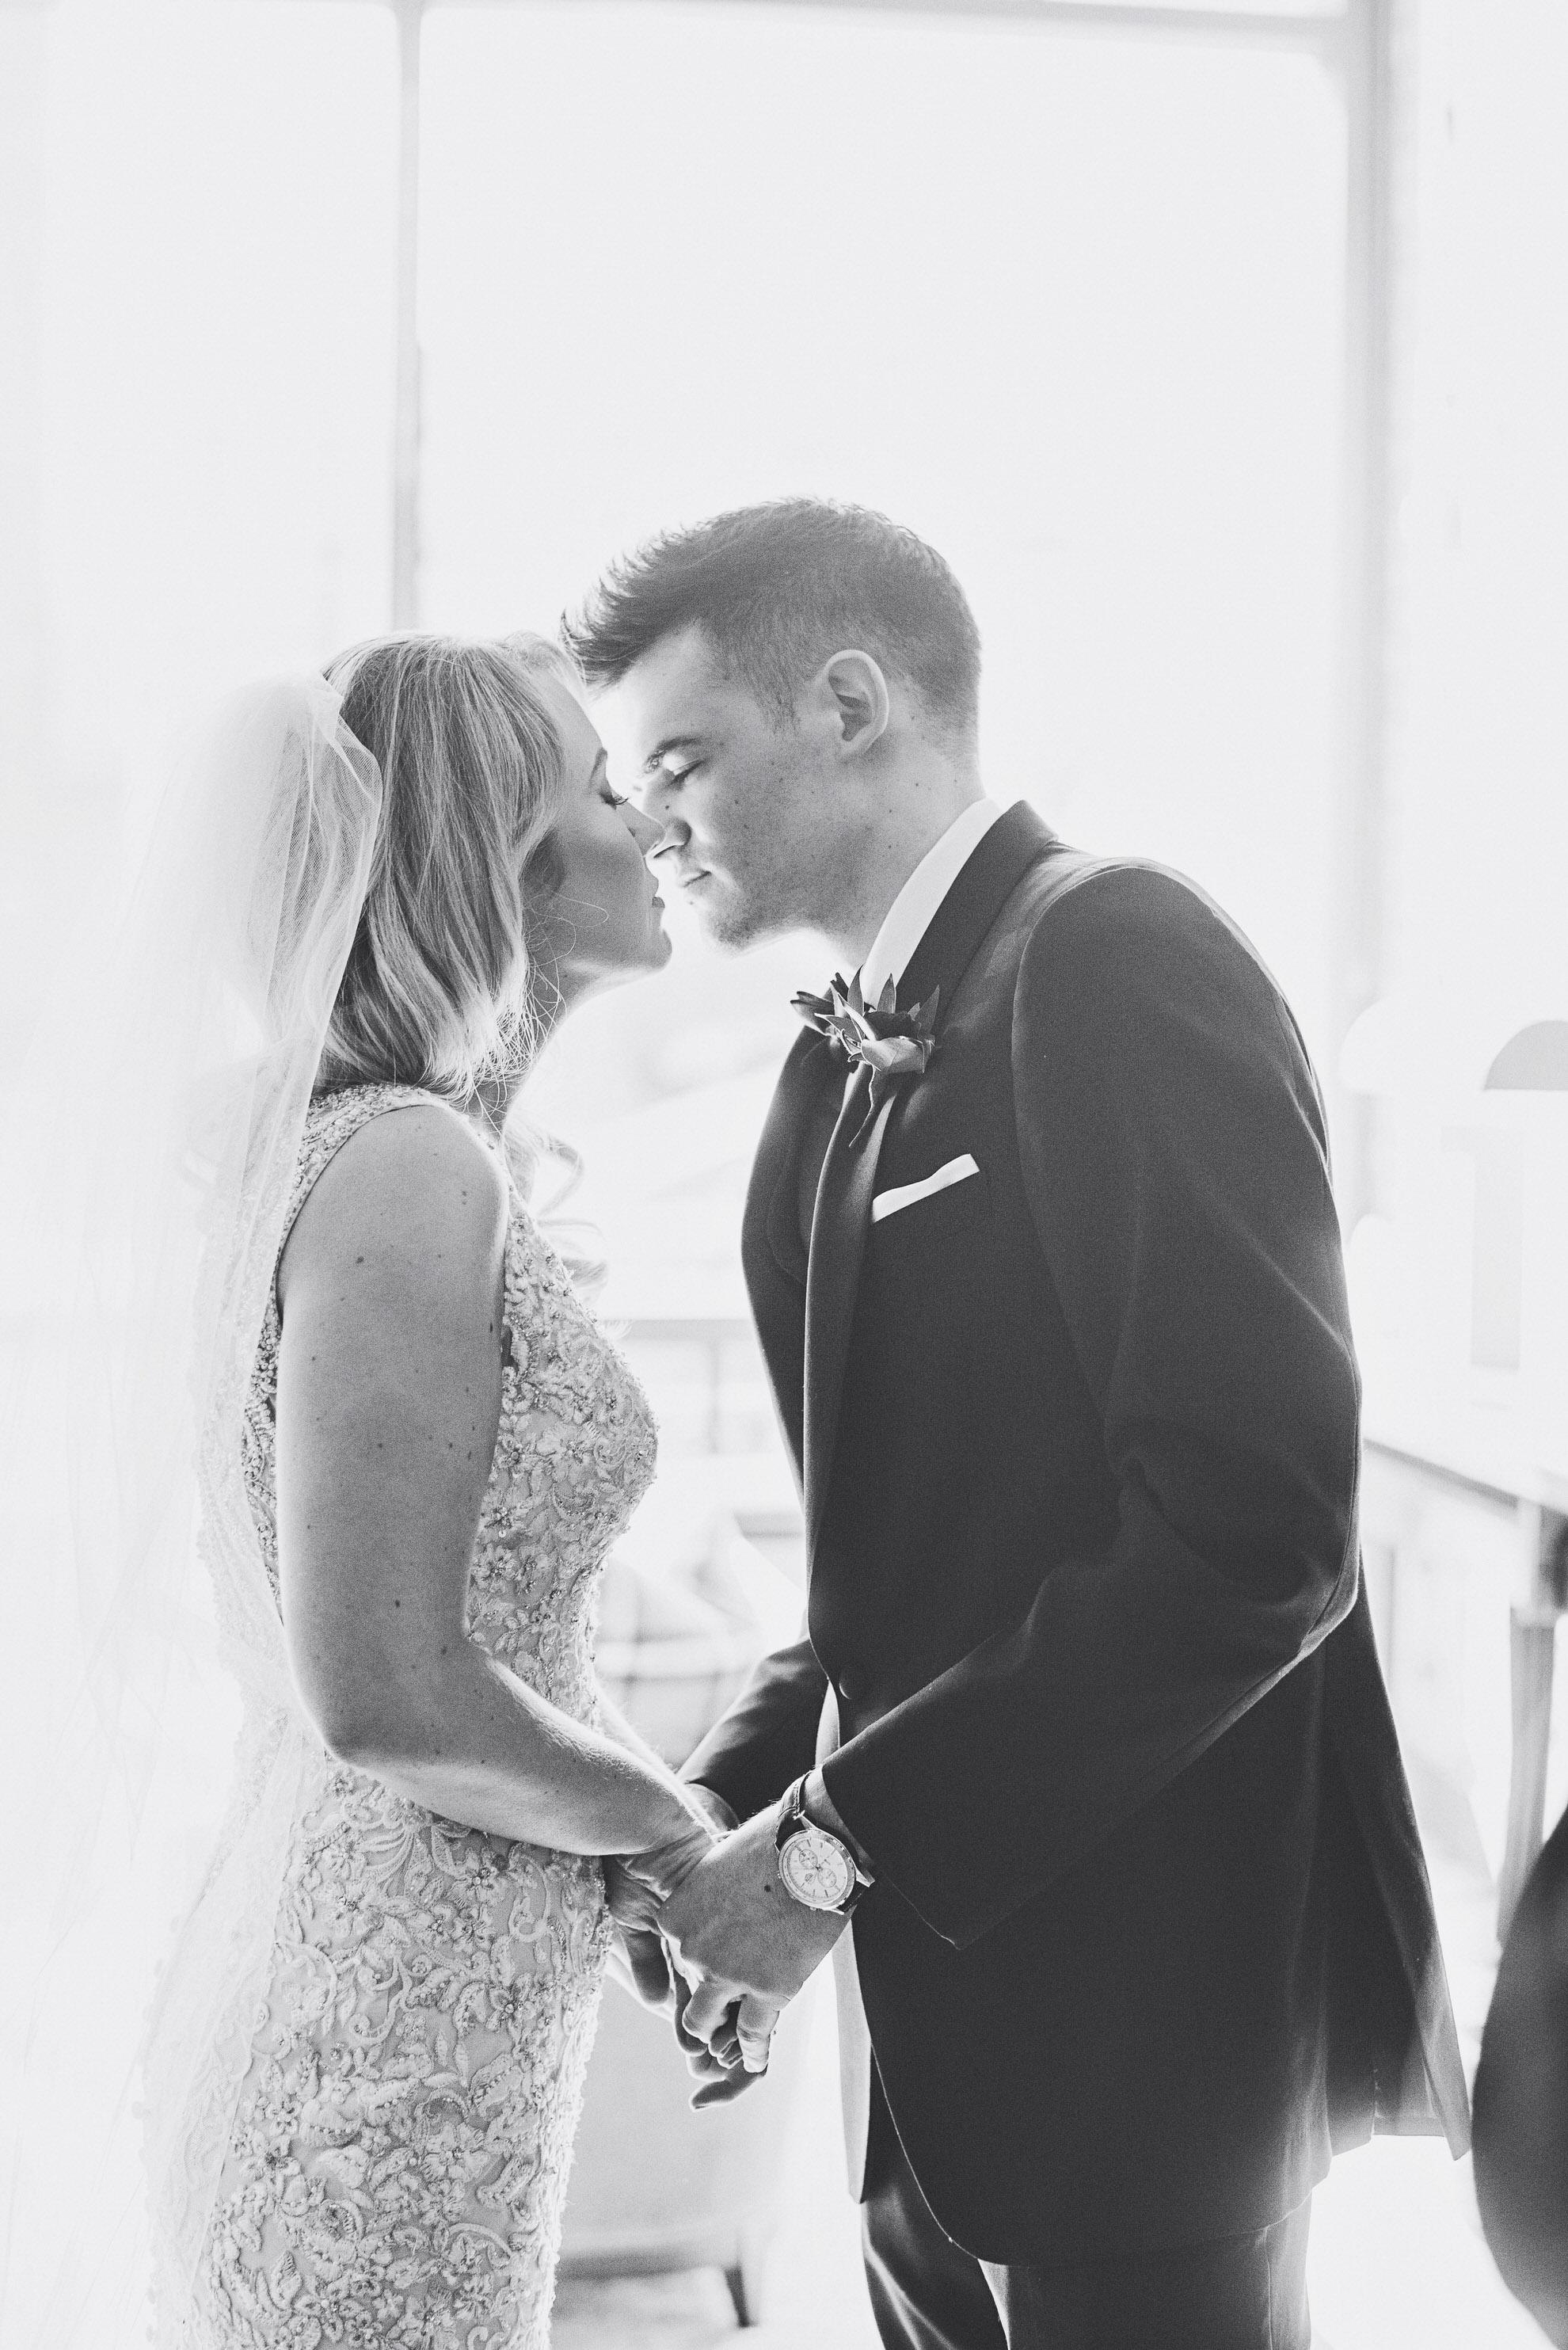 erika_Alex_wedding_by_lucas_botz_photography_0844.jpg